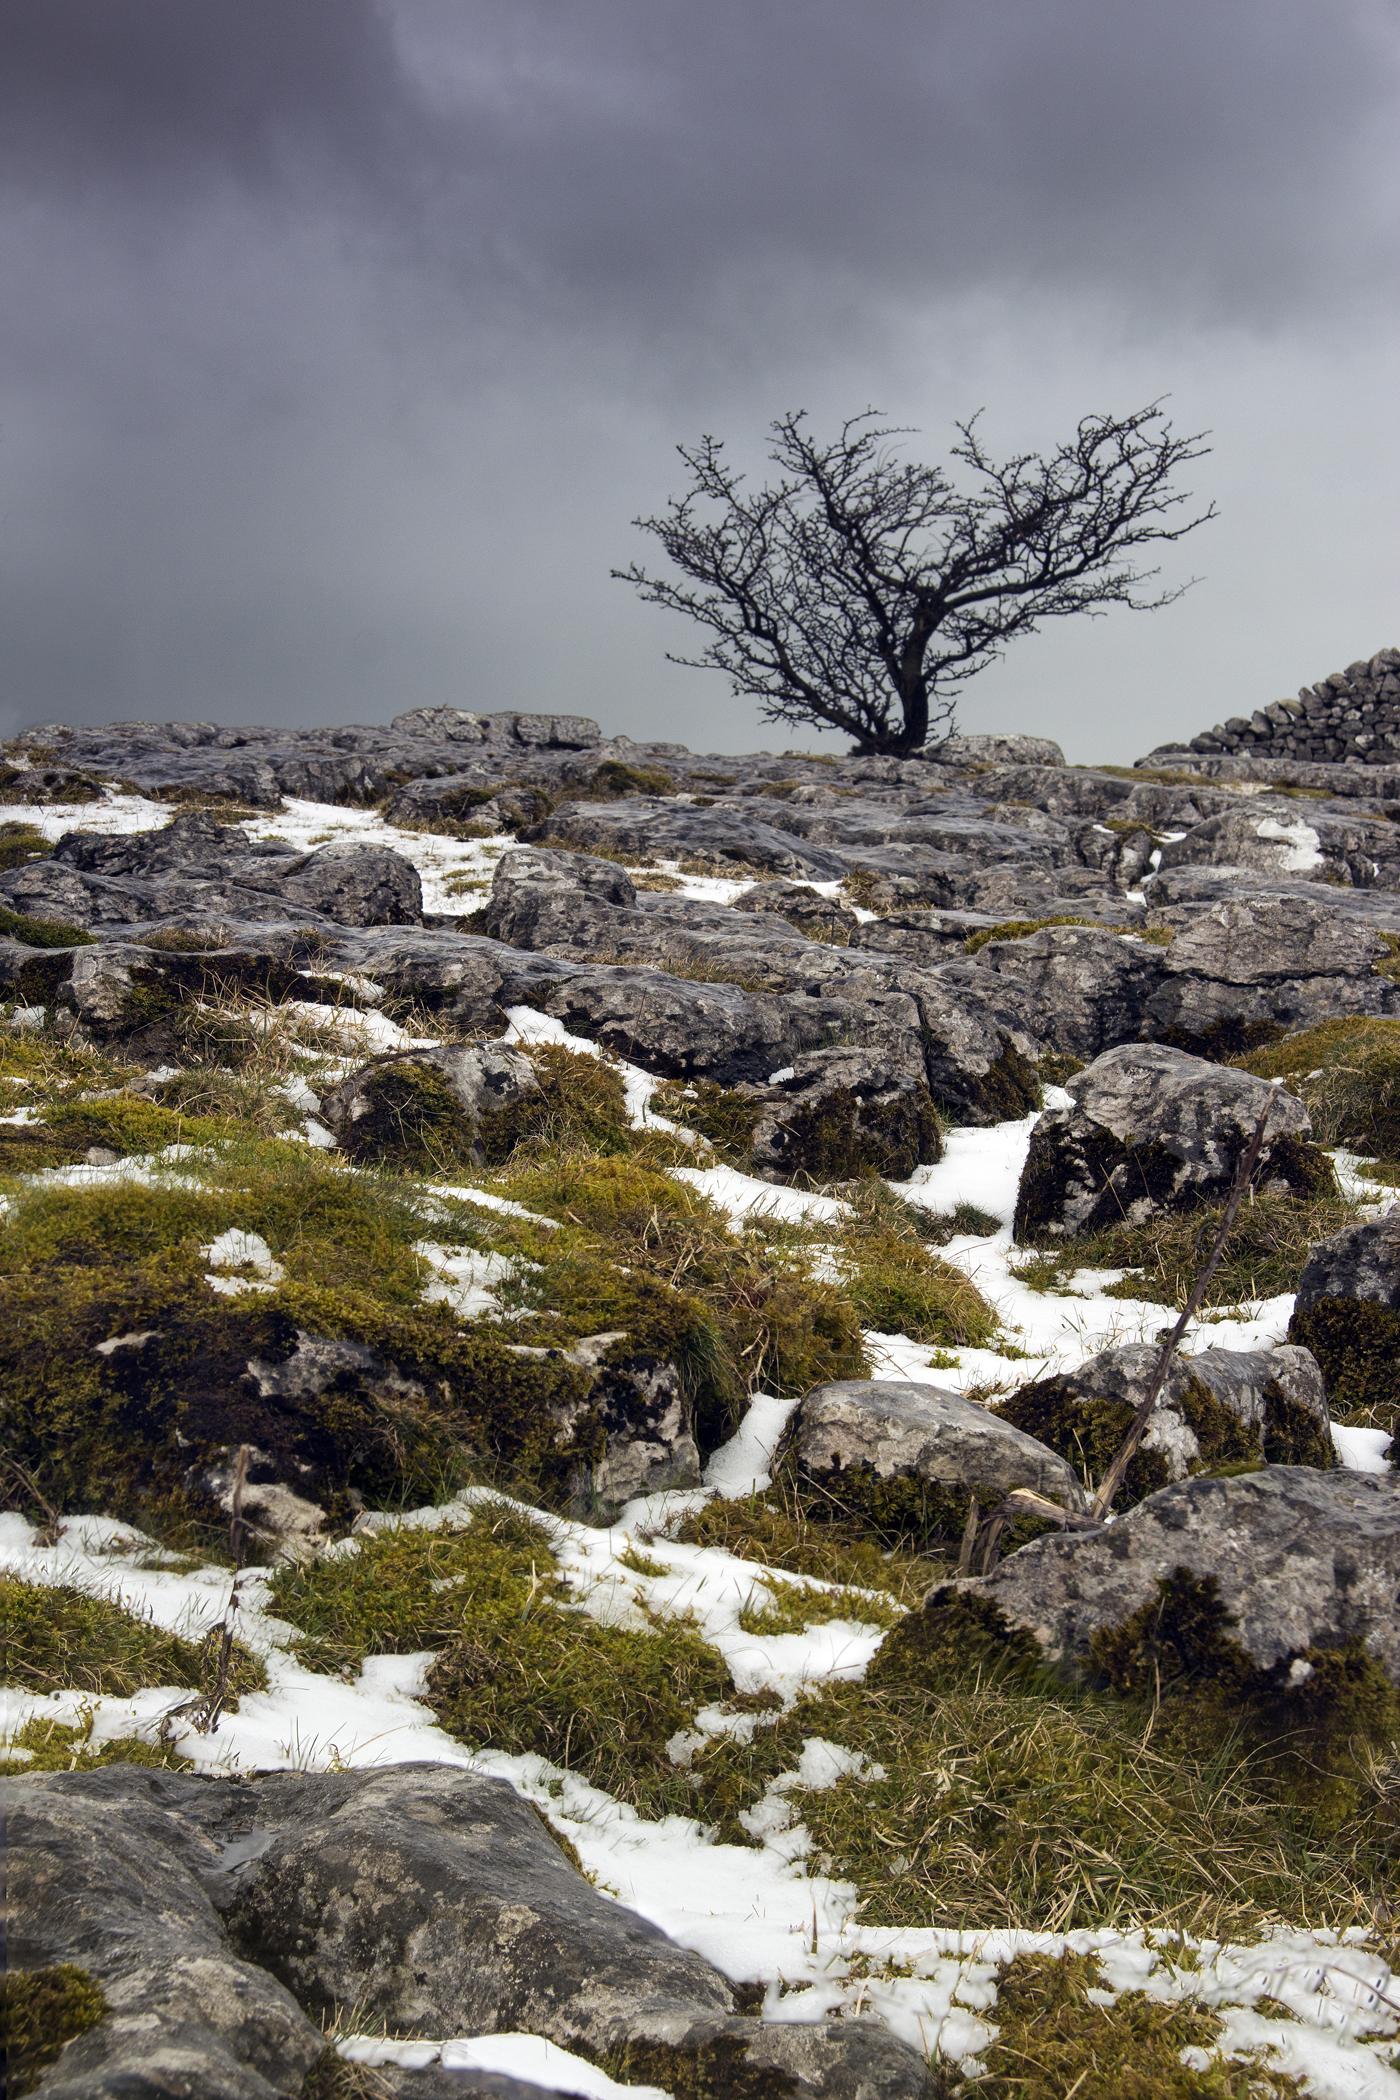 Snow at Winskill Stones